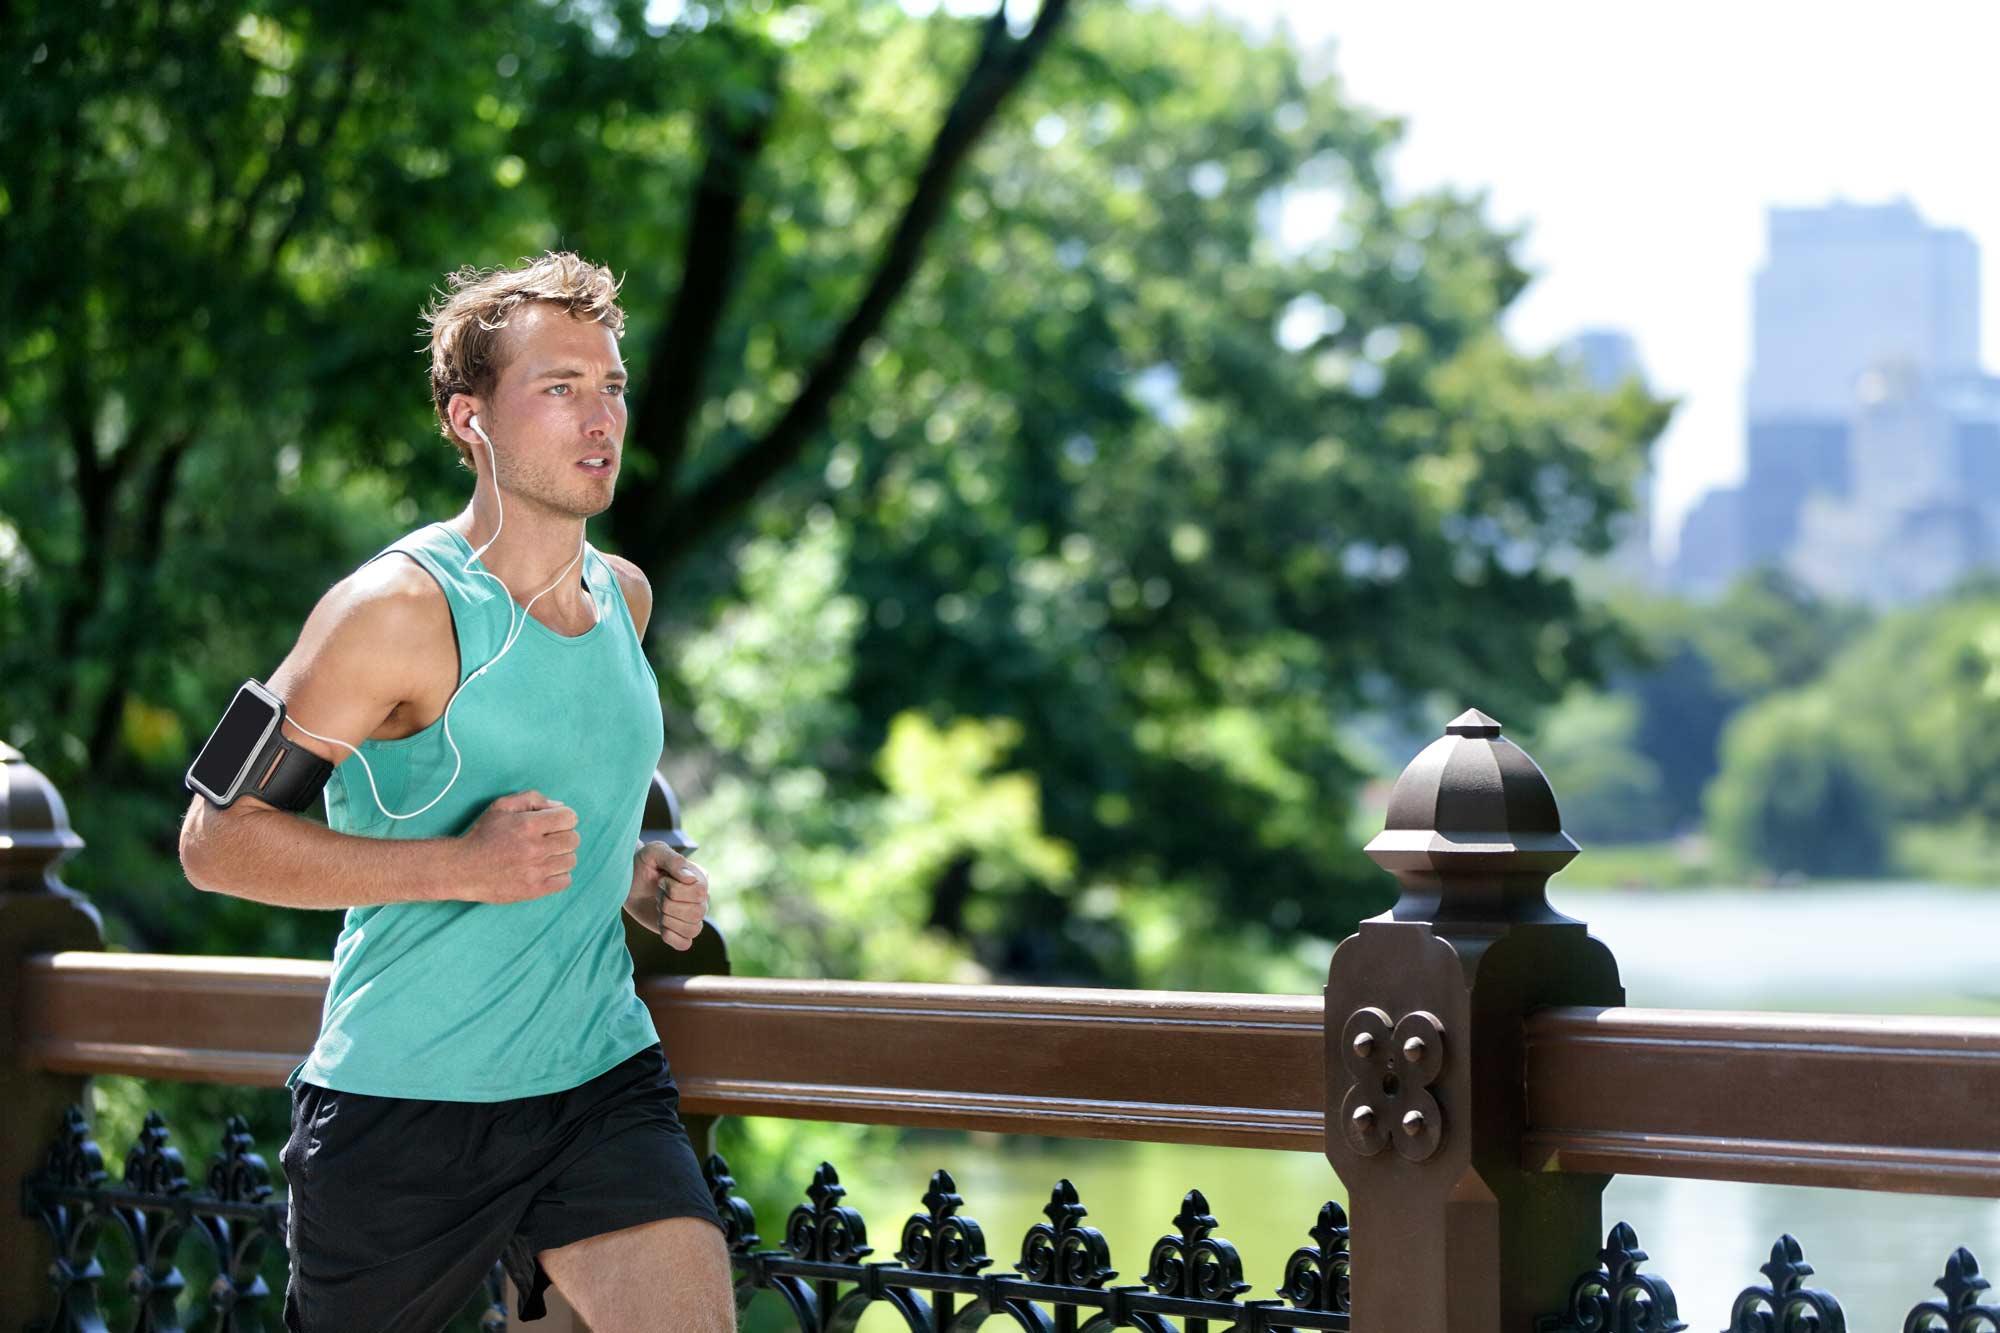 Rimettersi in forma con la corsa, ma con la giusta preparazione e idratazione